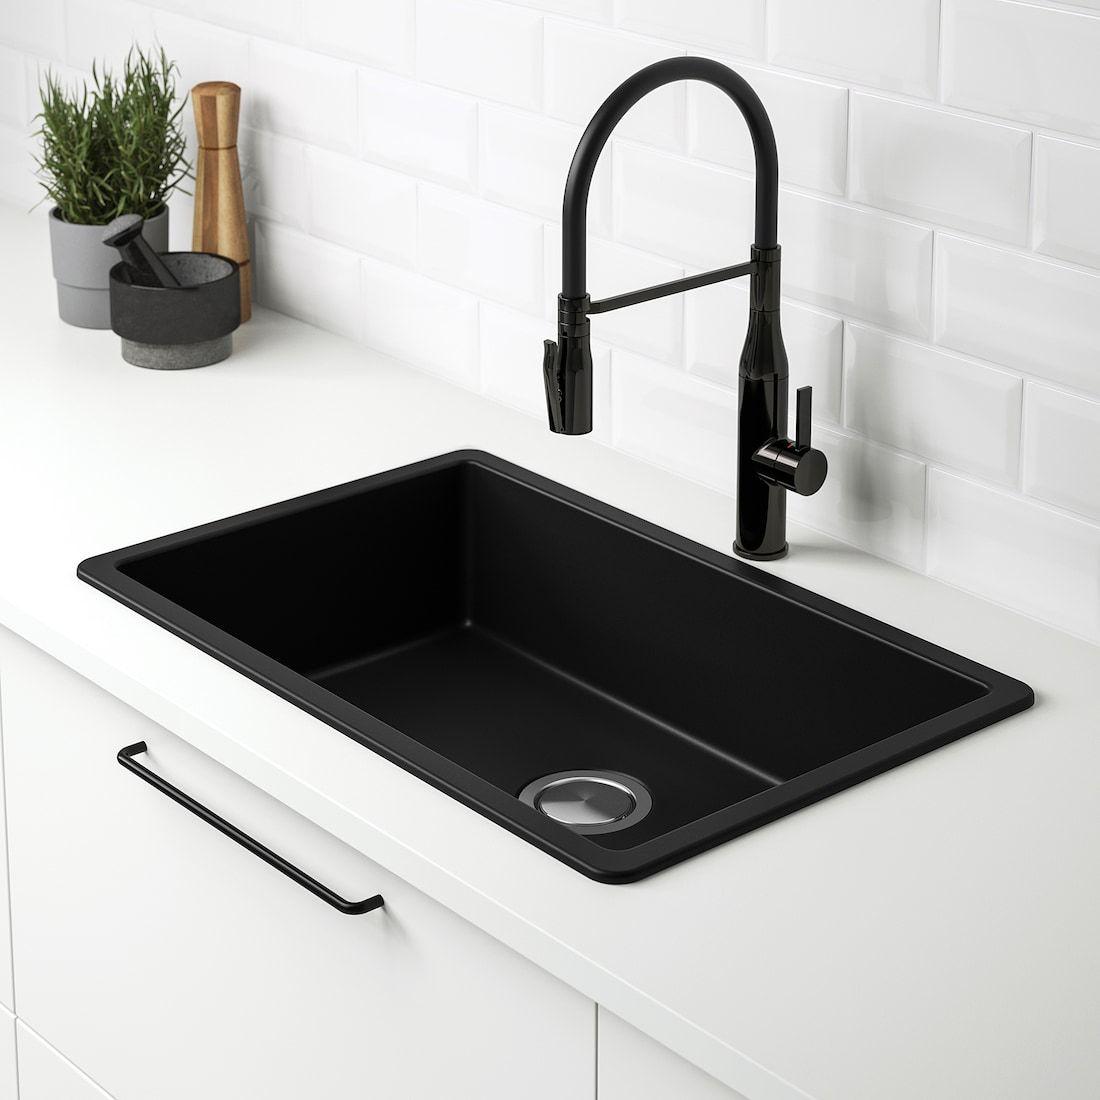 Kilsviken Sink Black Quartz Composite Ikea In 2021 Inset Sink Black Kitchen Sink Sink